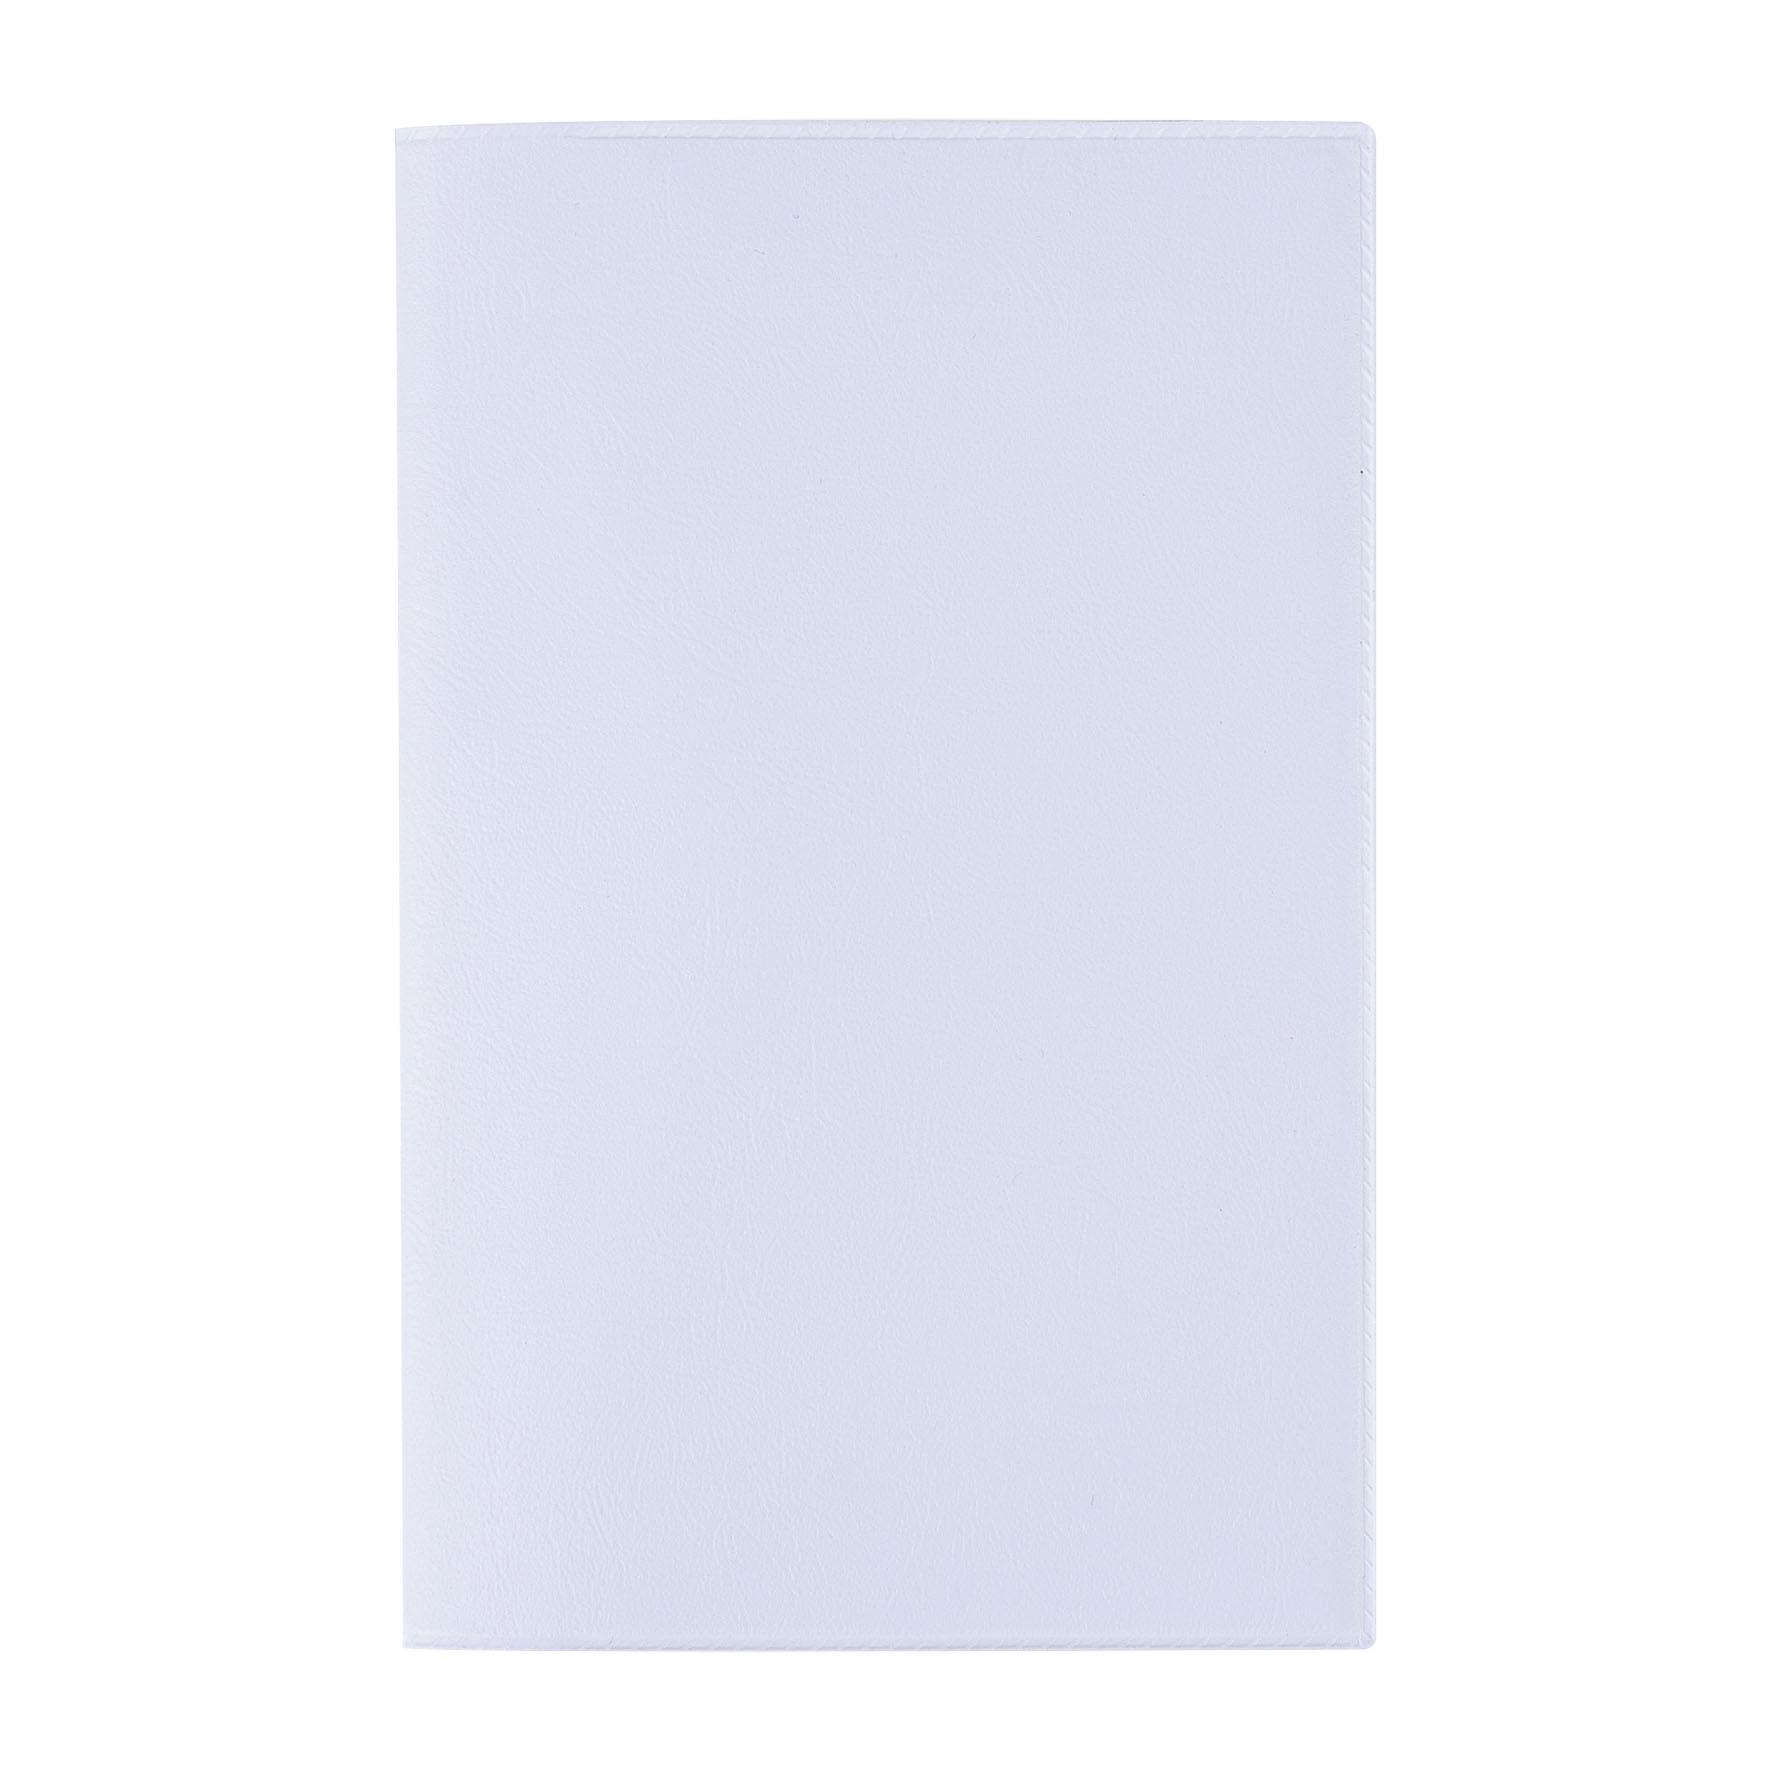 Objet publicitaire -  Porte-carte grise publicitaire 3 volets Motor